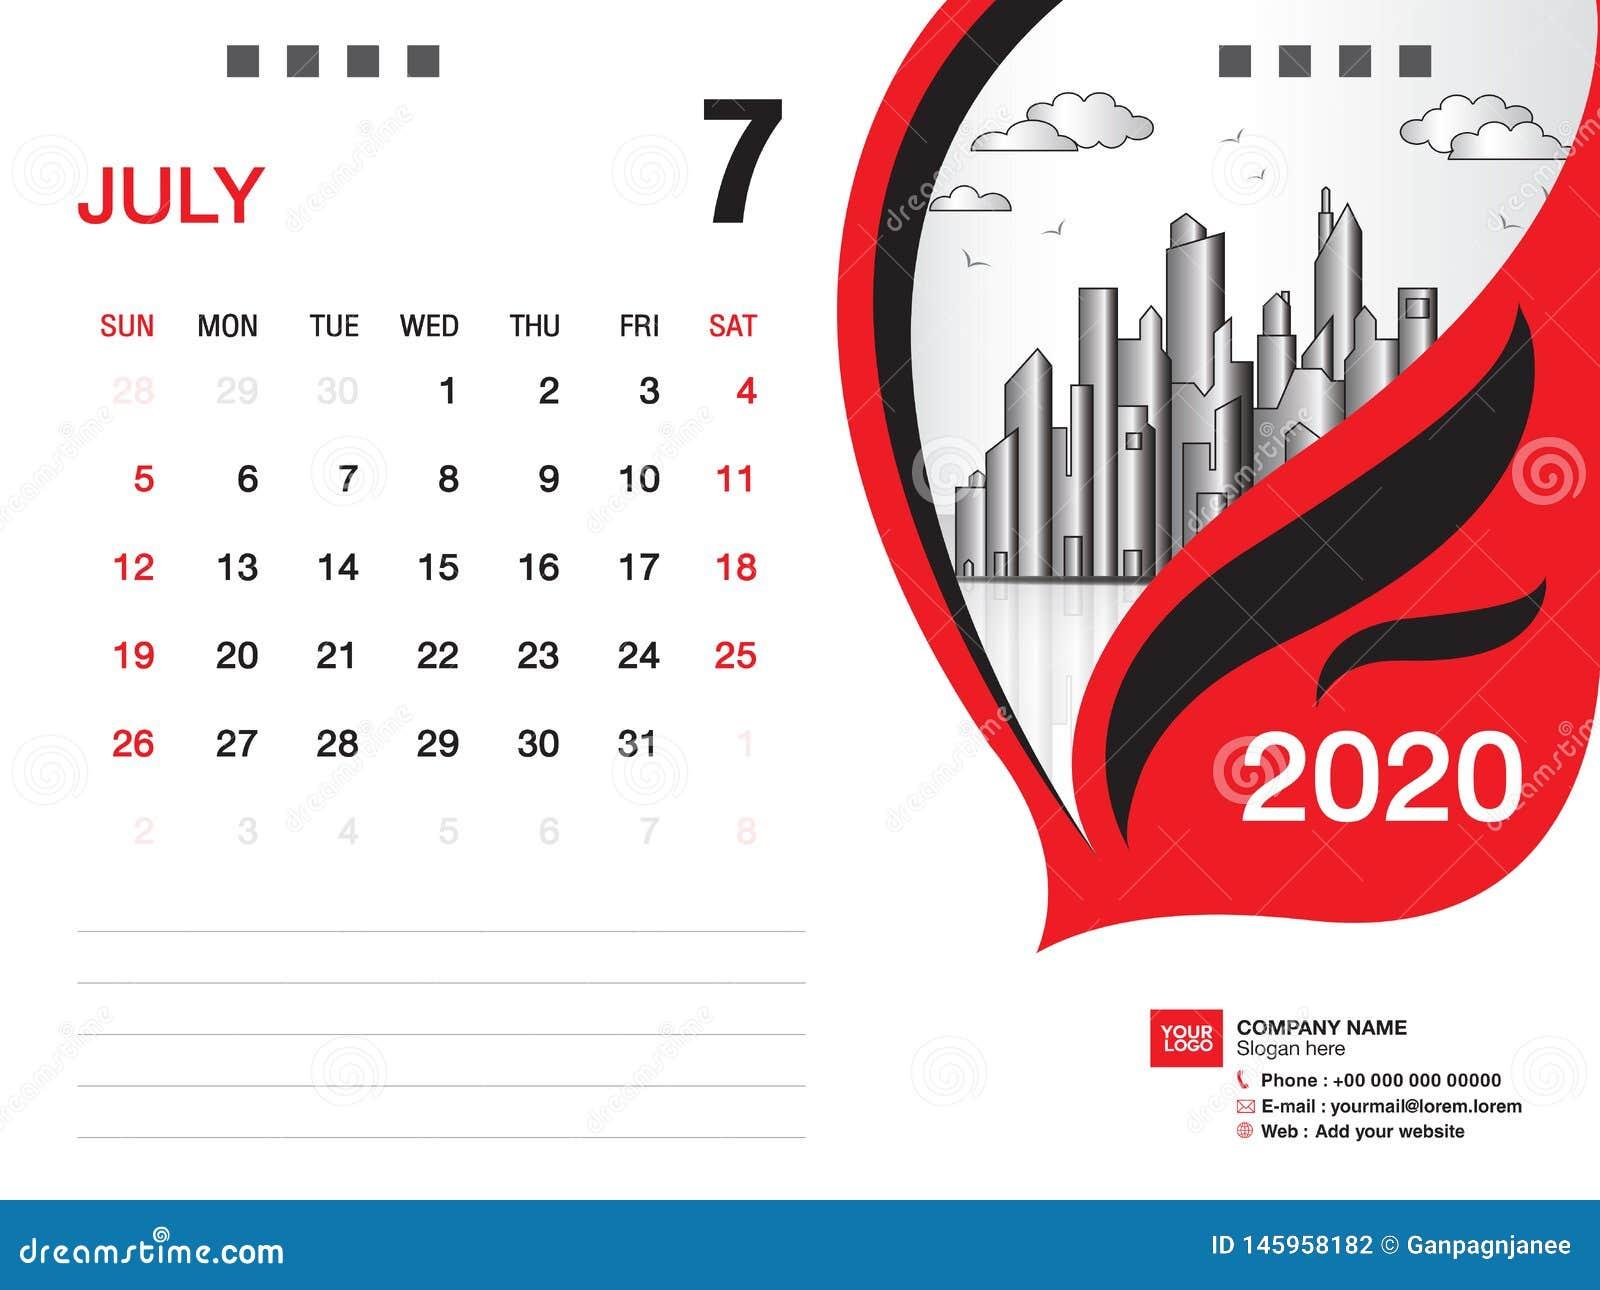 Calendrier Juillet2020.Le Vecteur 2020 Juillet 2020 Mois Disposition D Affaires